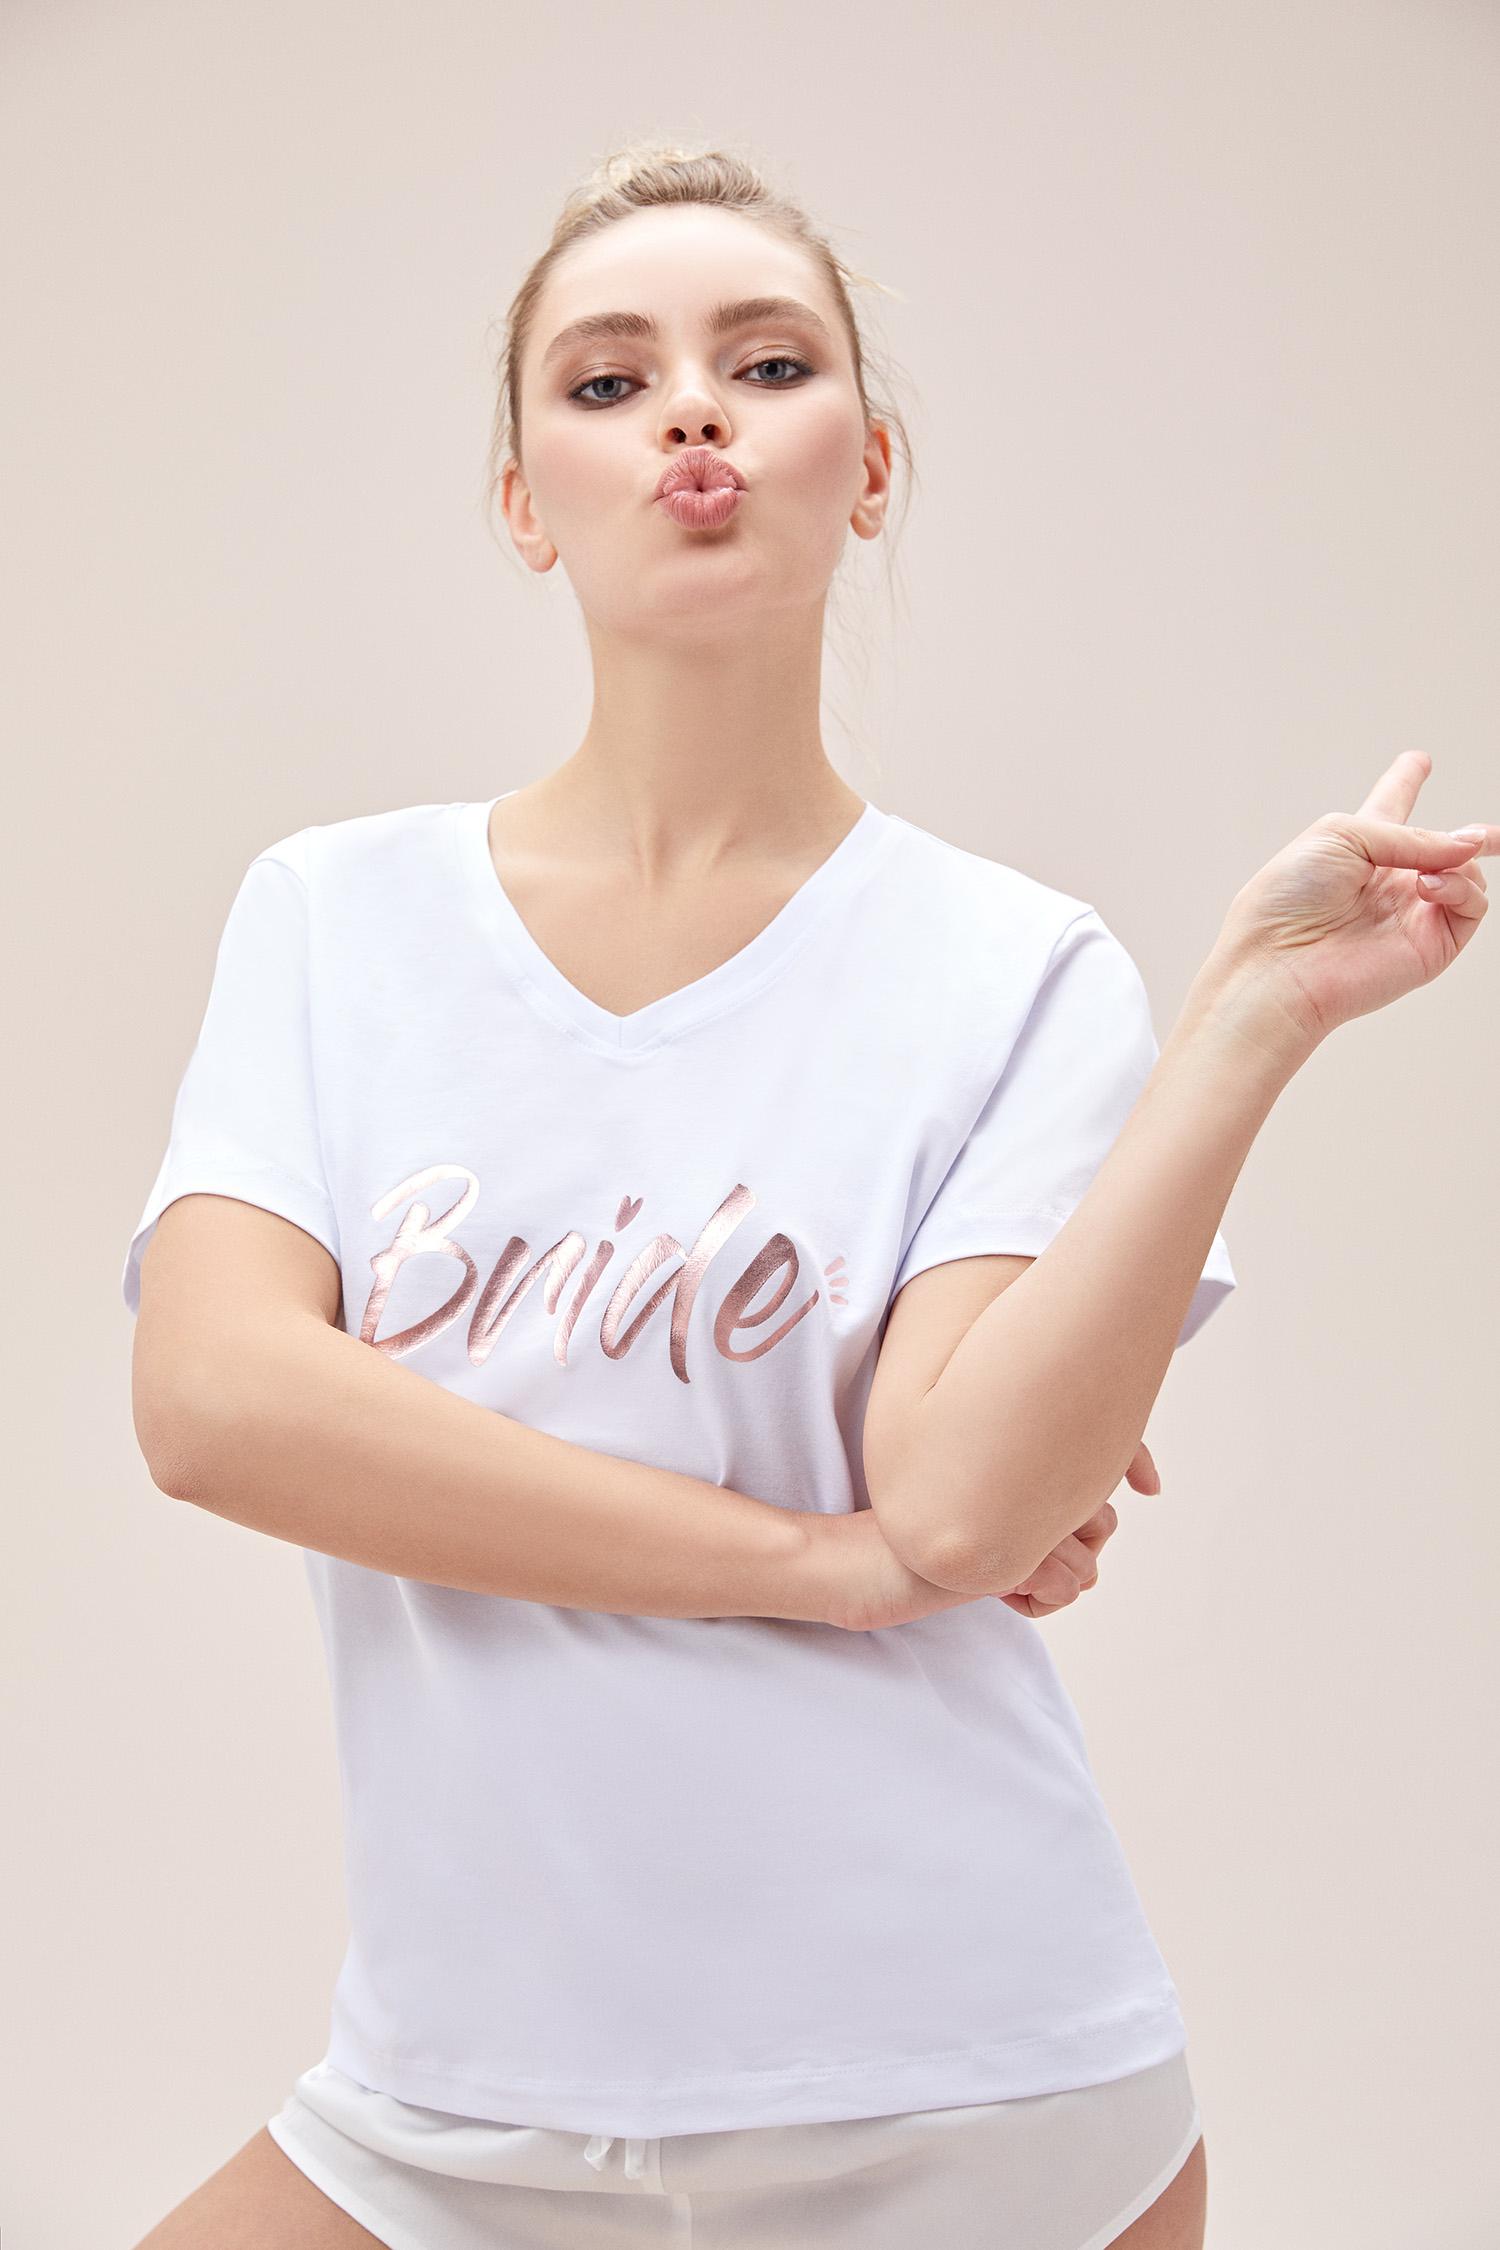 Bride Tişörtü Beyaz Baskılı - Thumbnail